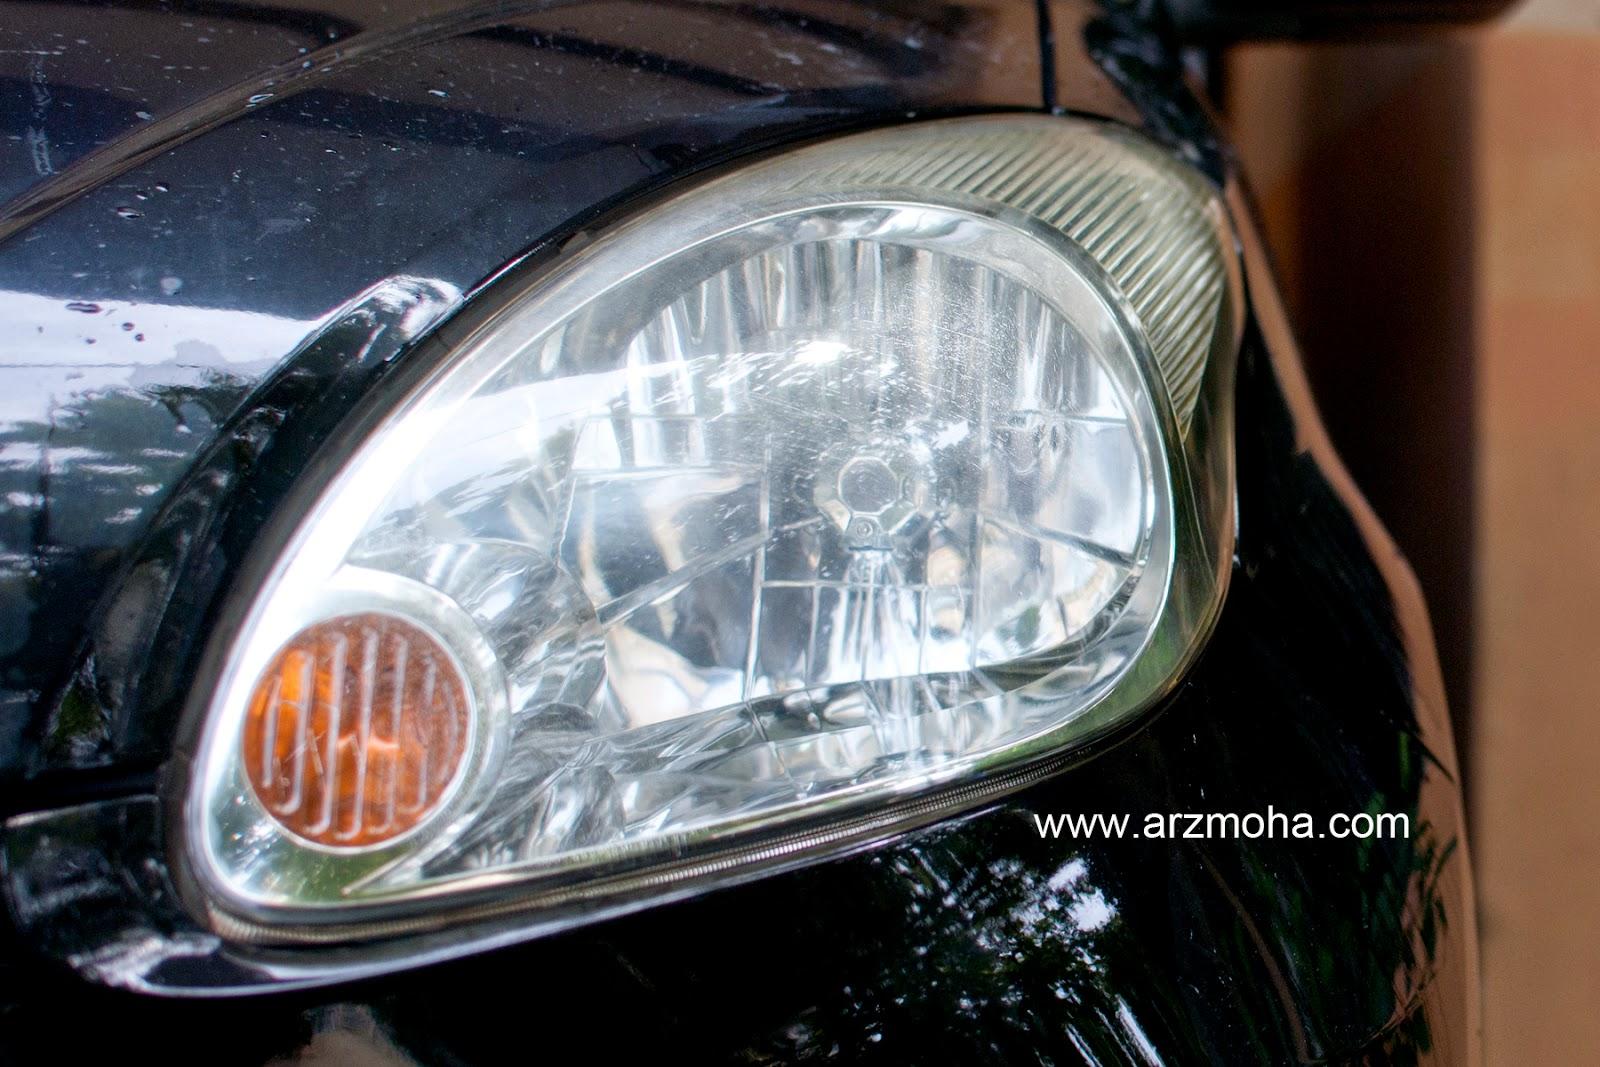 lampu kereta, putihkan, cuci, lampu pudar, lampu malap, arzmoha, gambar cantik